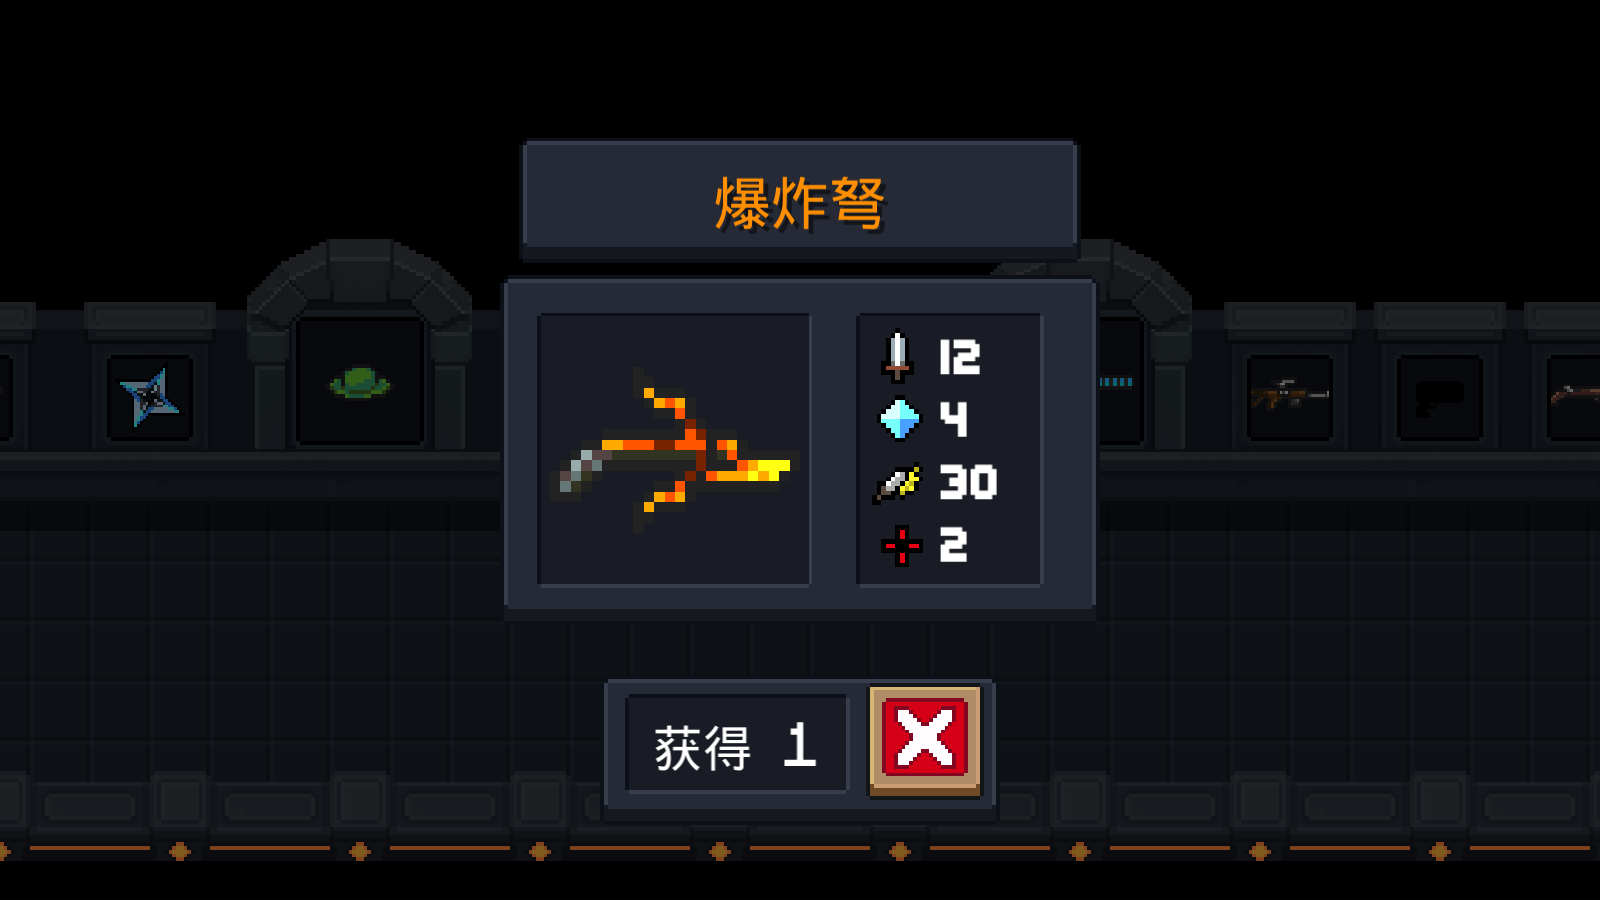 《元气骑士》武器爆炸弩图鉴